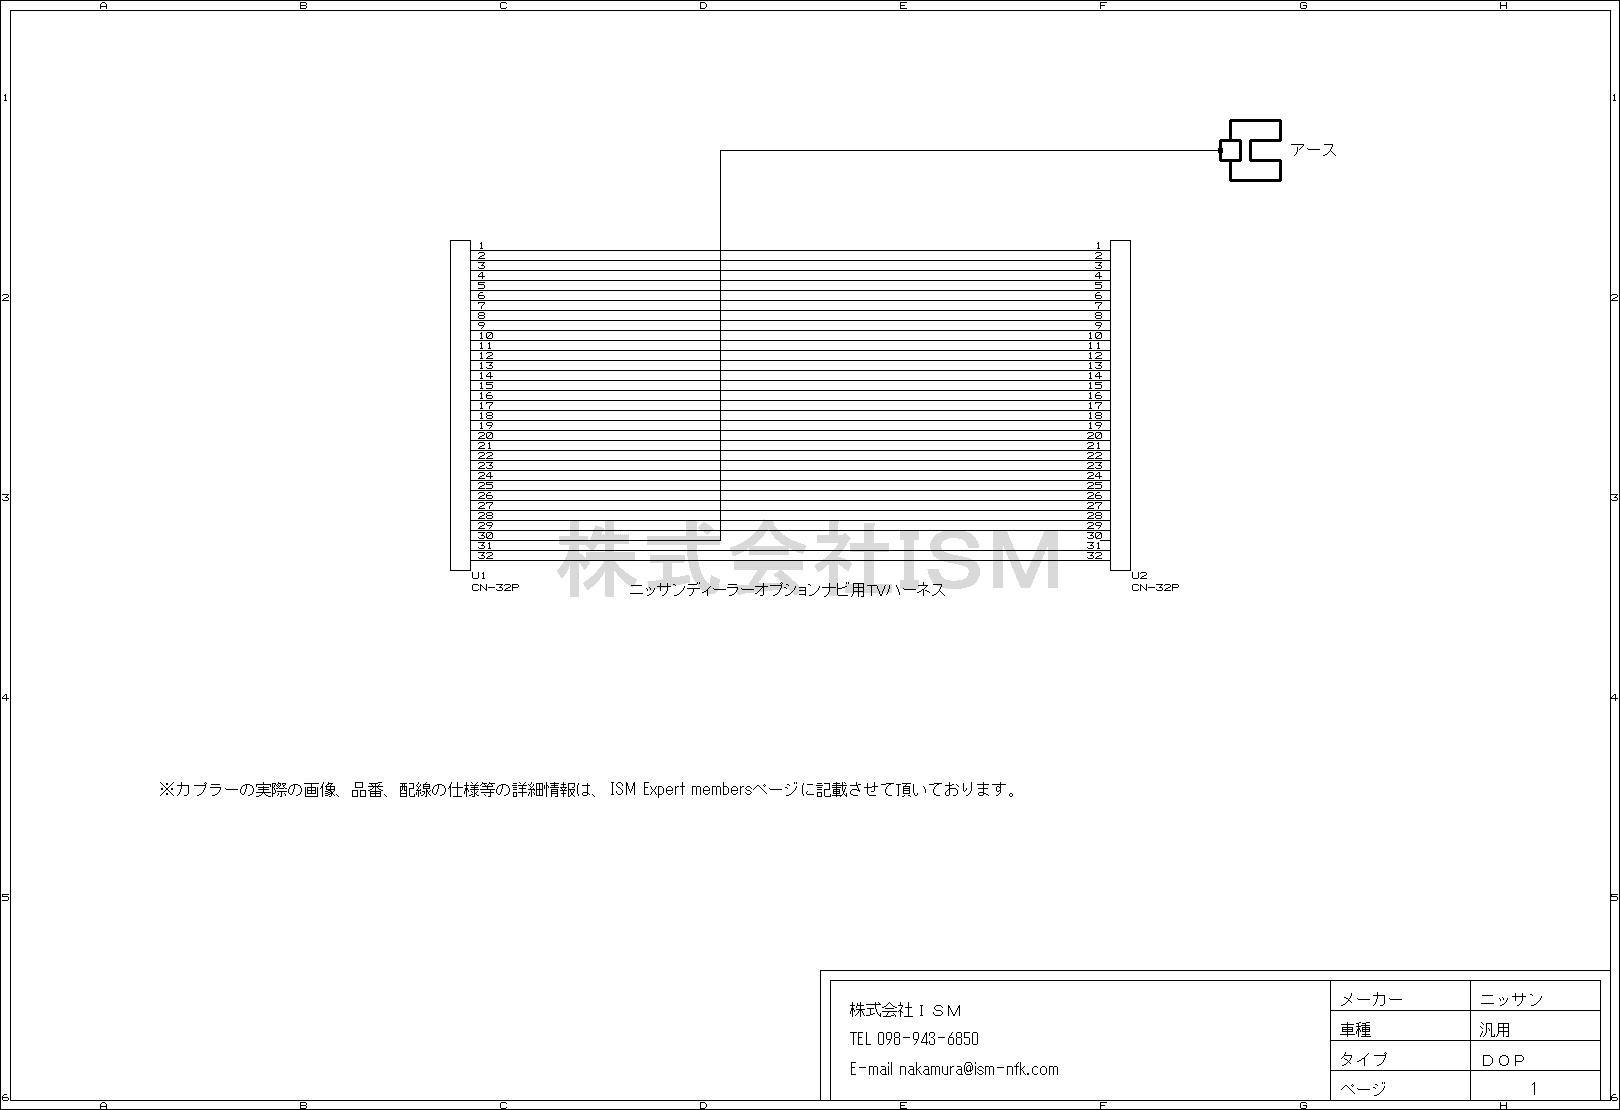 ニッサンDOPナビ用TVハーネス配線図_3